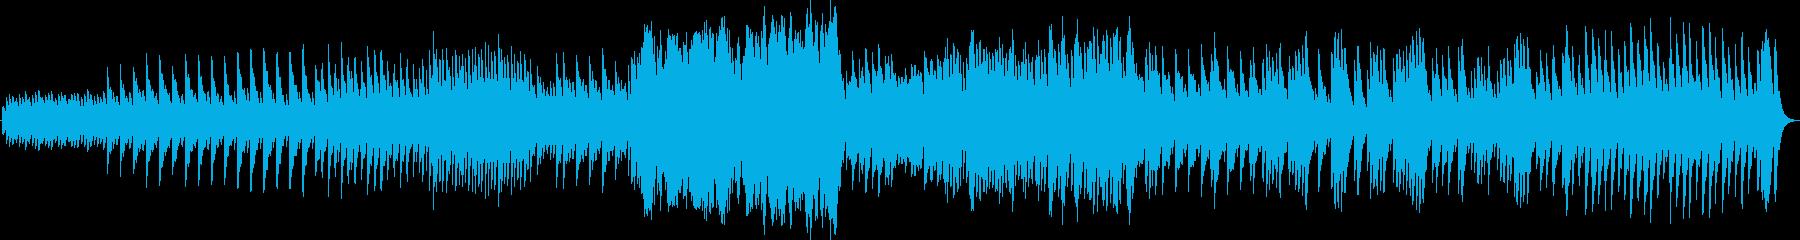 パッヘルベルのカノン(オルゴールアレンジの再生済みの波形